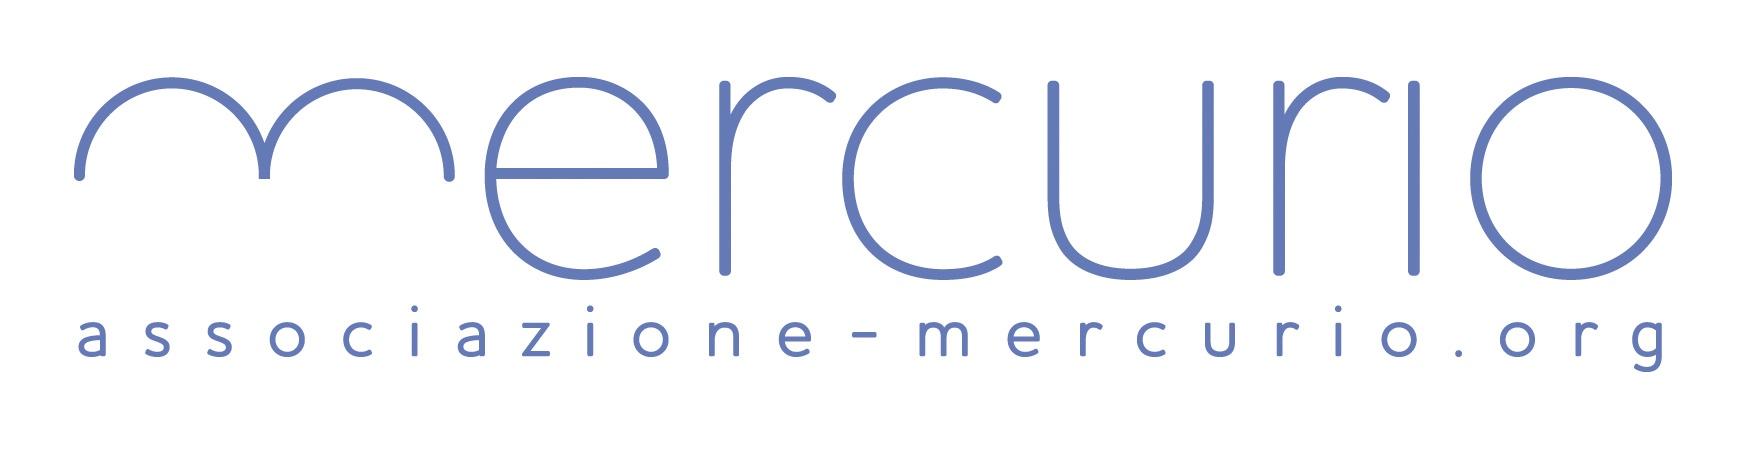 Associazione Mercurio, per fare la differenza